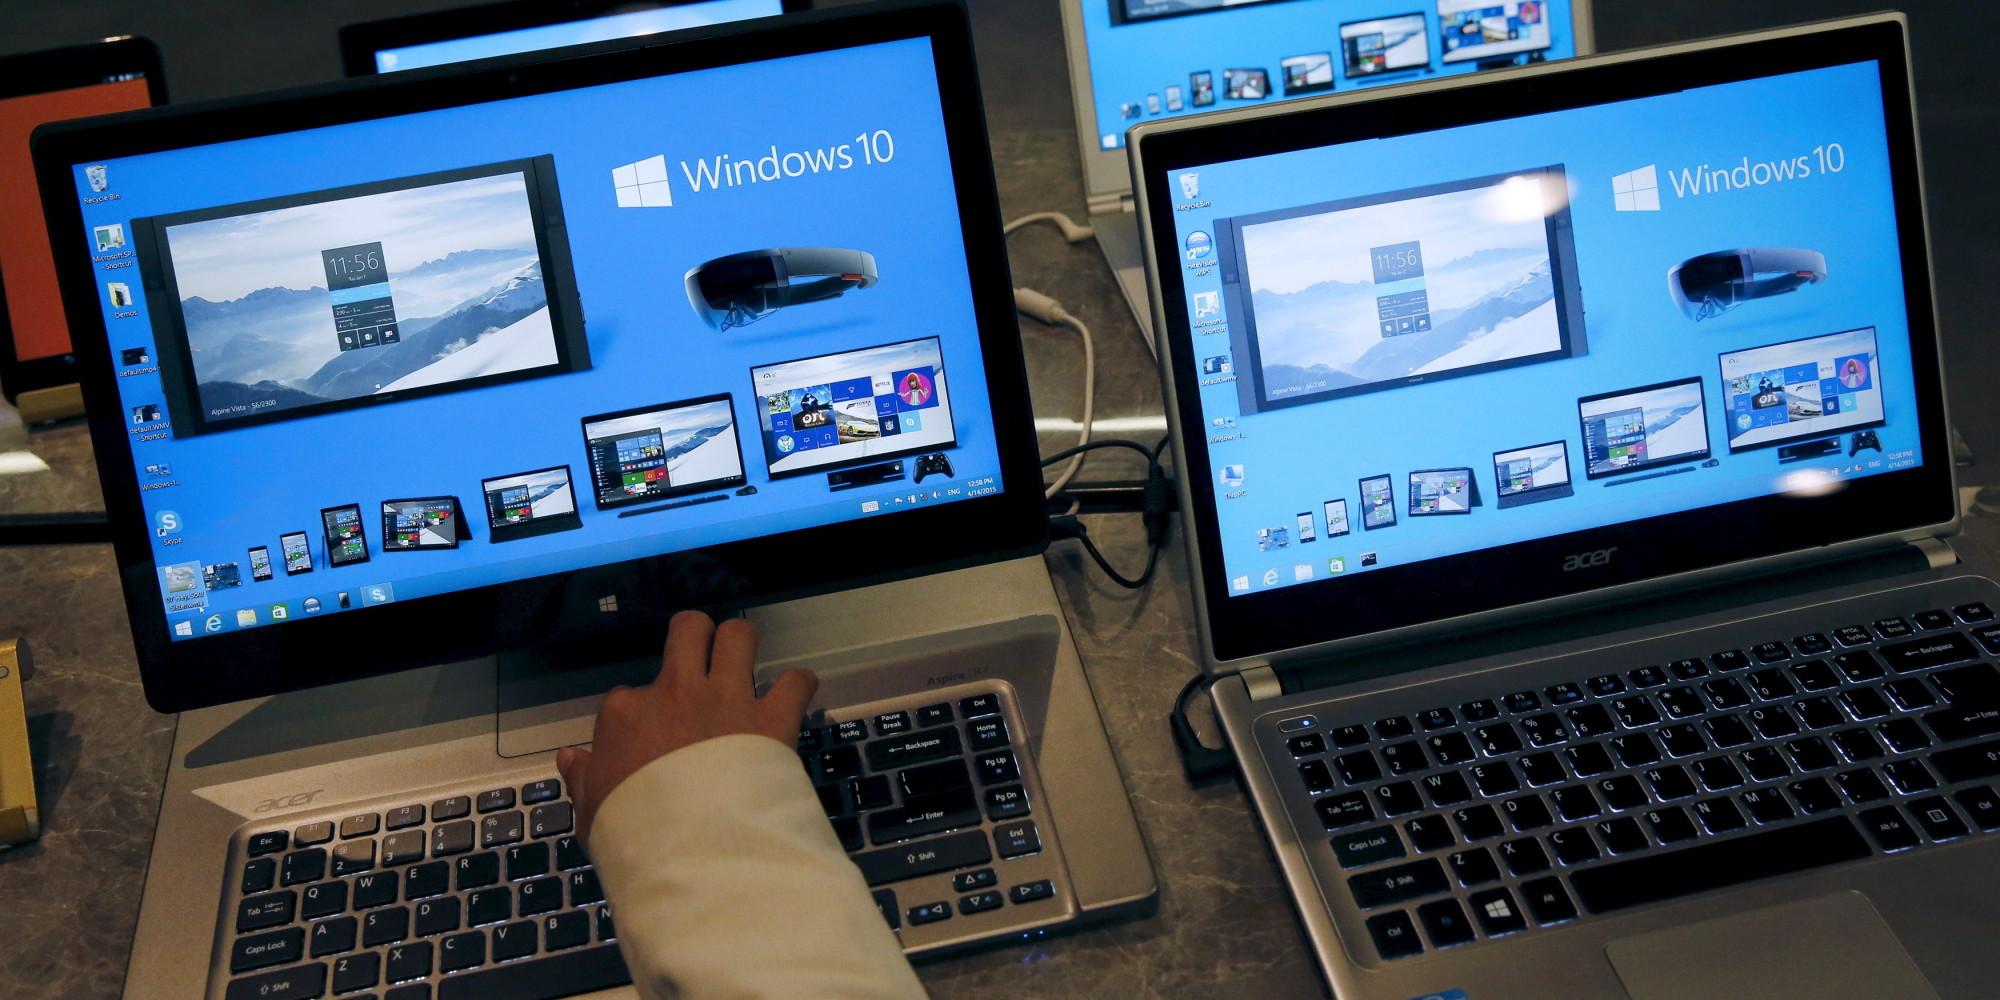 Liste de raccourcis clavier pour Windows 10. ... Winkey + L: Ce dernier vous permet de verrouiller votre session ou de changer d'utilisateurs. Si vous avez d'autres raccourcis clavier Windows 10 plus ou moins utiles, n'hésitez pas à me les transmettre via les commentaires !